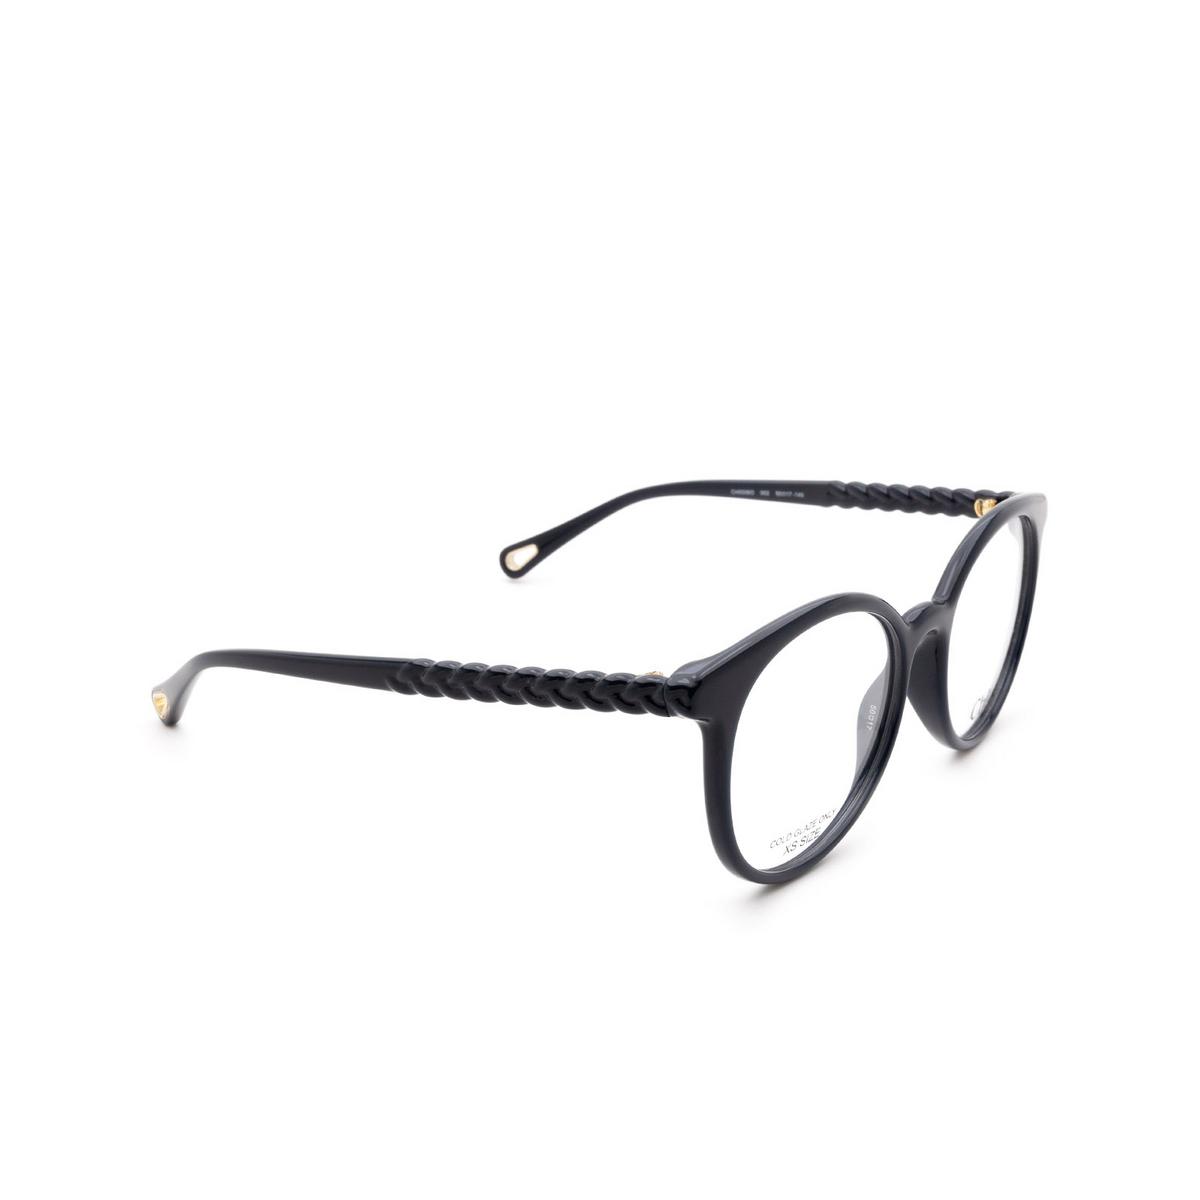 Chloé® Round Eyeglasses: CH0006O color Blue 002 - three-quarters view.